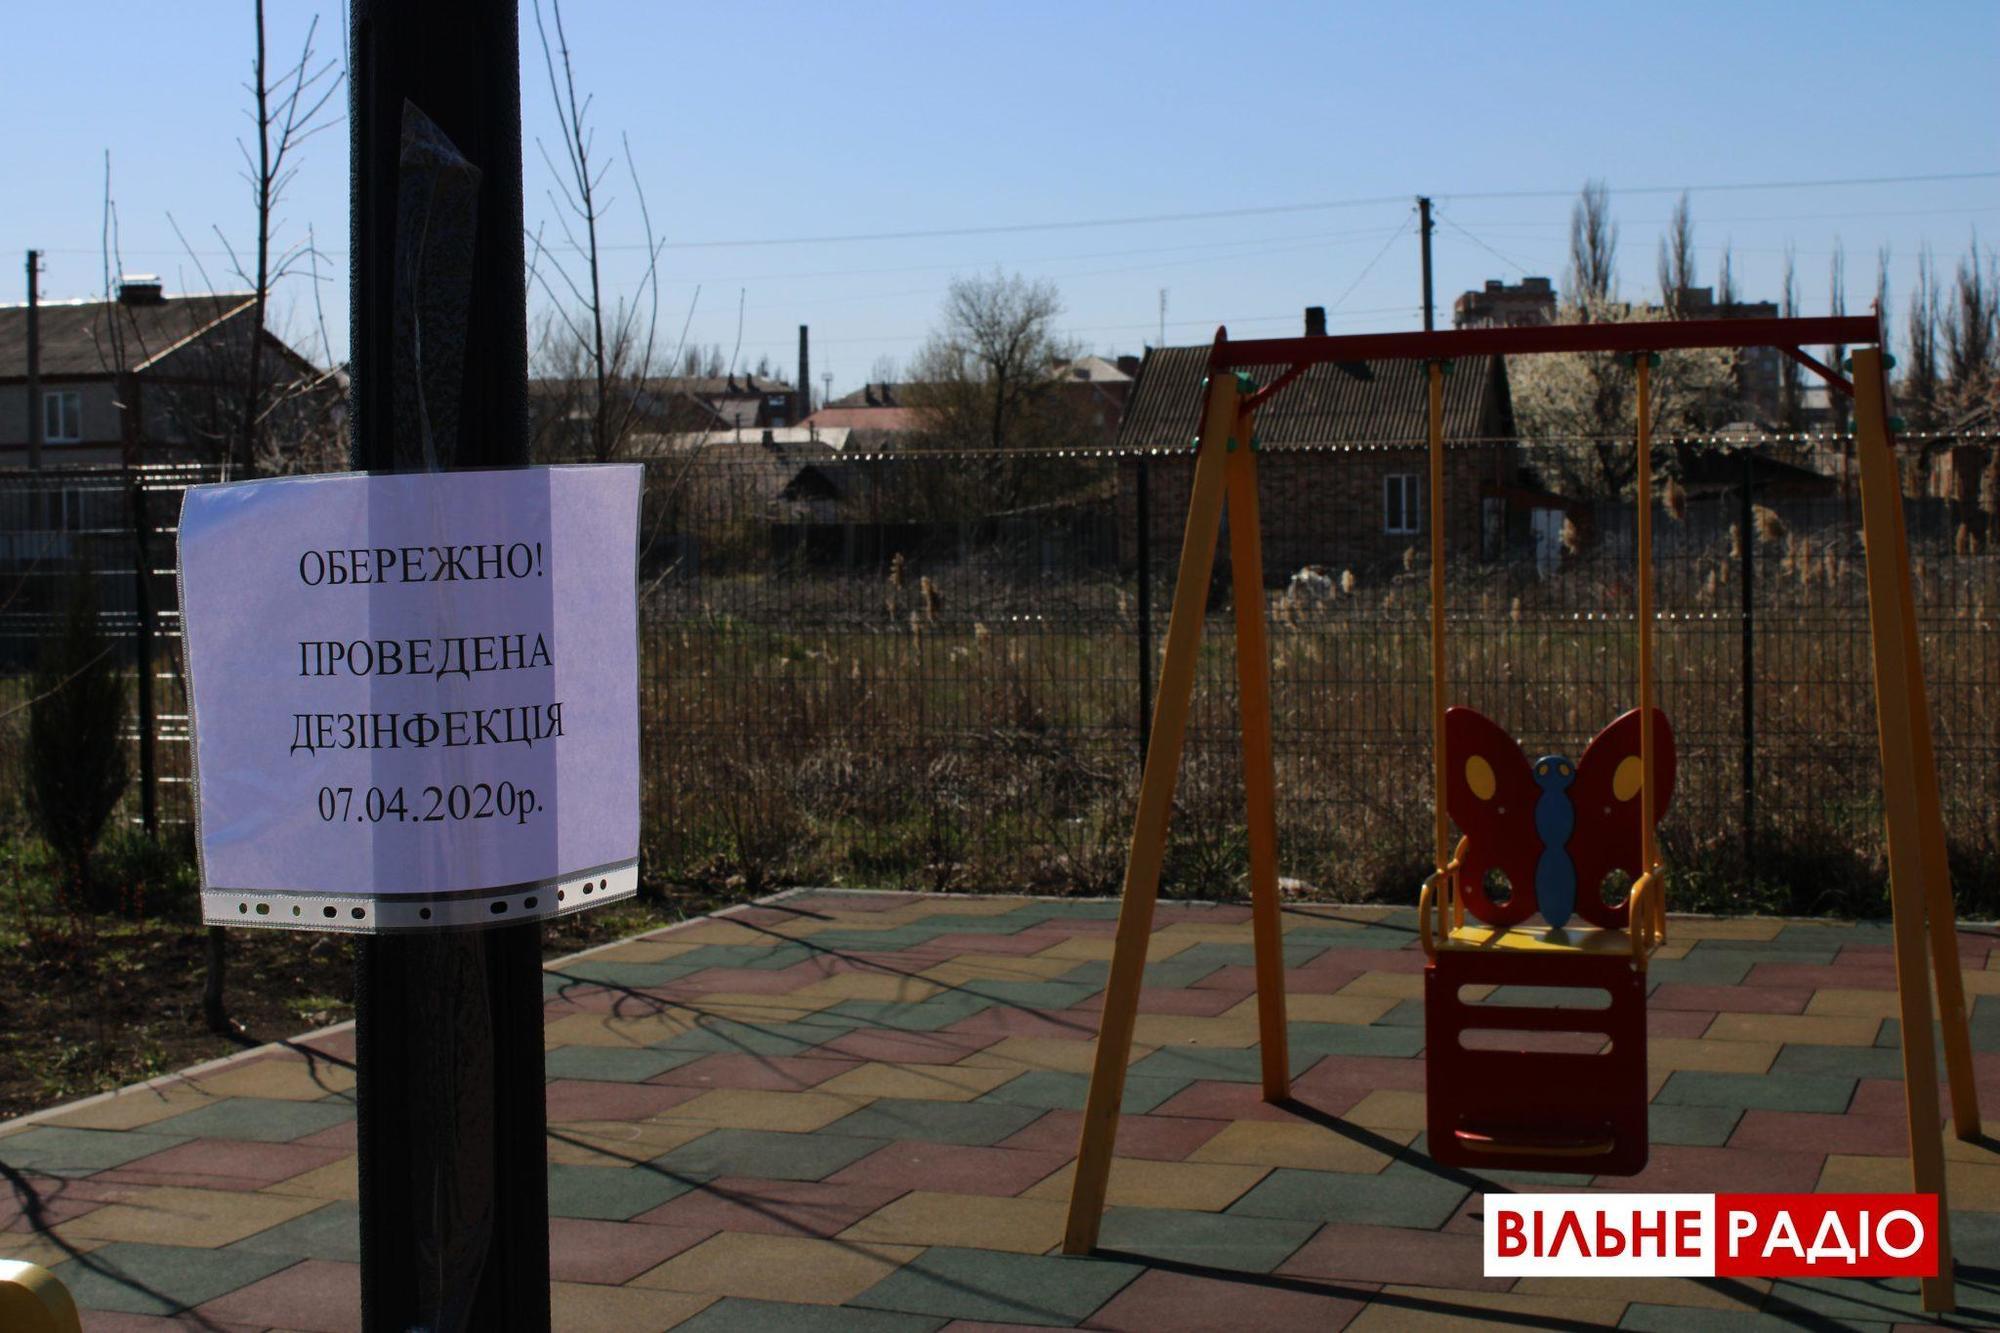 Попри посилення карантину бахмутяни продовжують відпочивати в парках та скверах (ФОТОРЕПОРТАЖ)